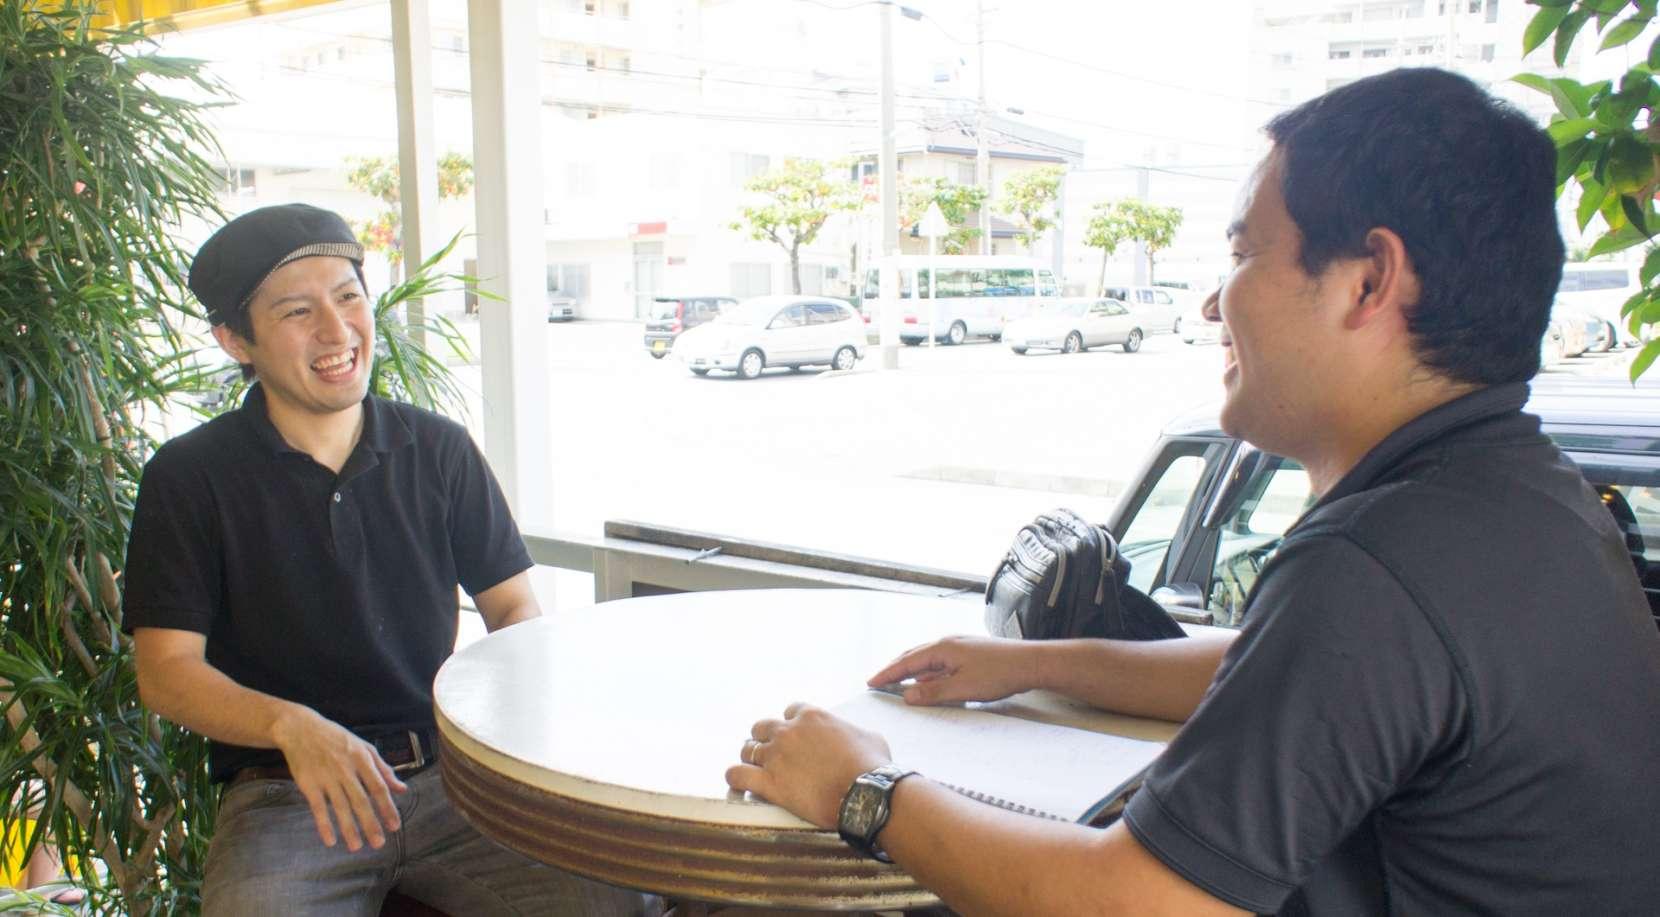 石垣牛の旨さをバーガーギュッと詰め込んだ逸品を提供するビン (Ishigakijima Kitchen Bin)様へのインタビュー画像